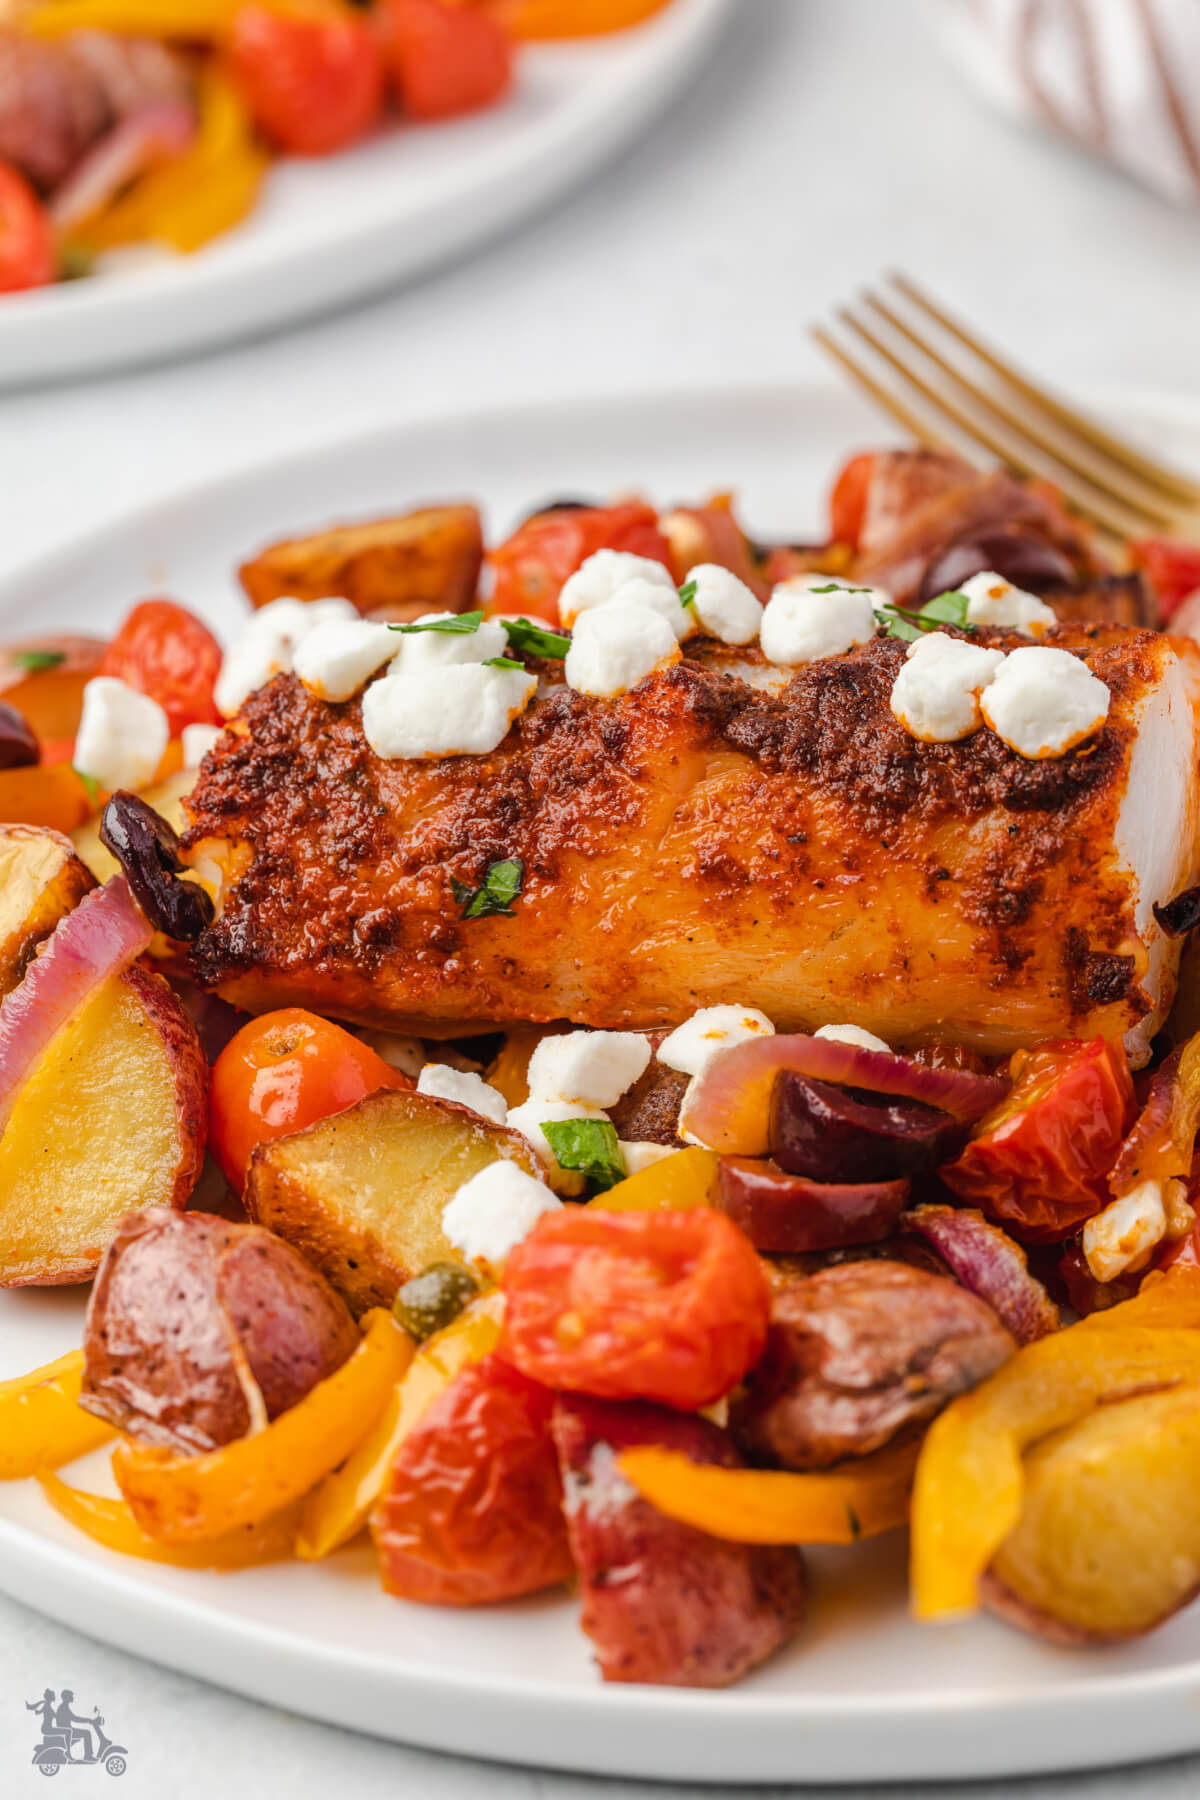 A serving of a baked cod fillet over roasted vegetables.